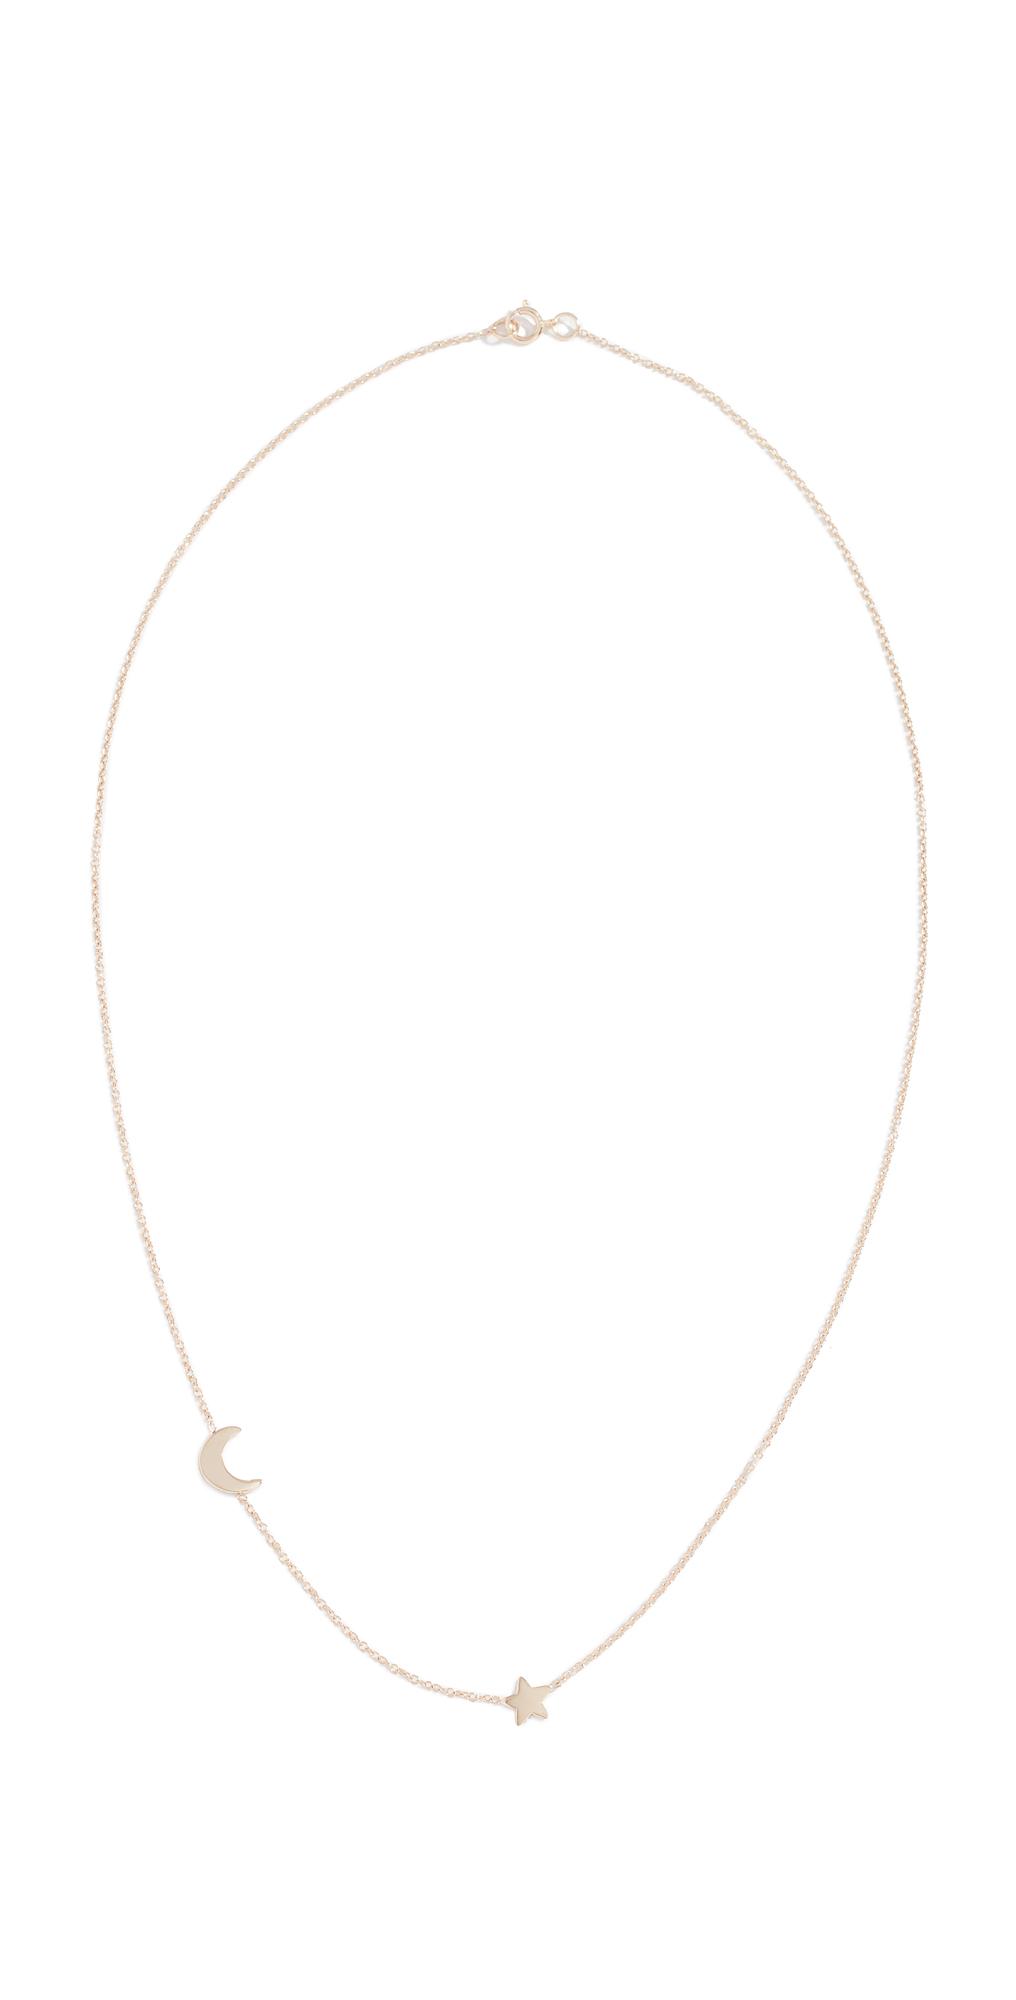 14k Starry Night Necklace